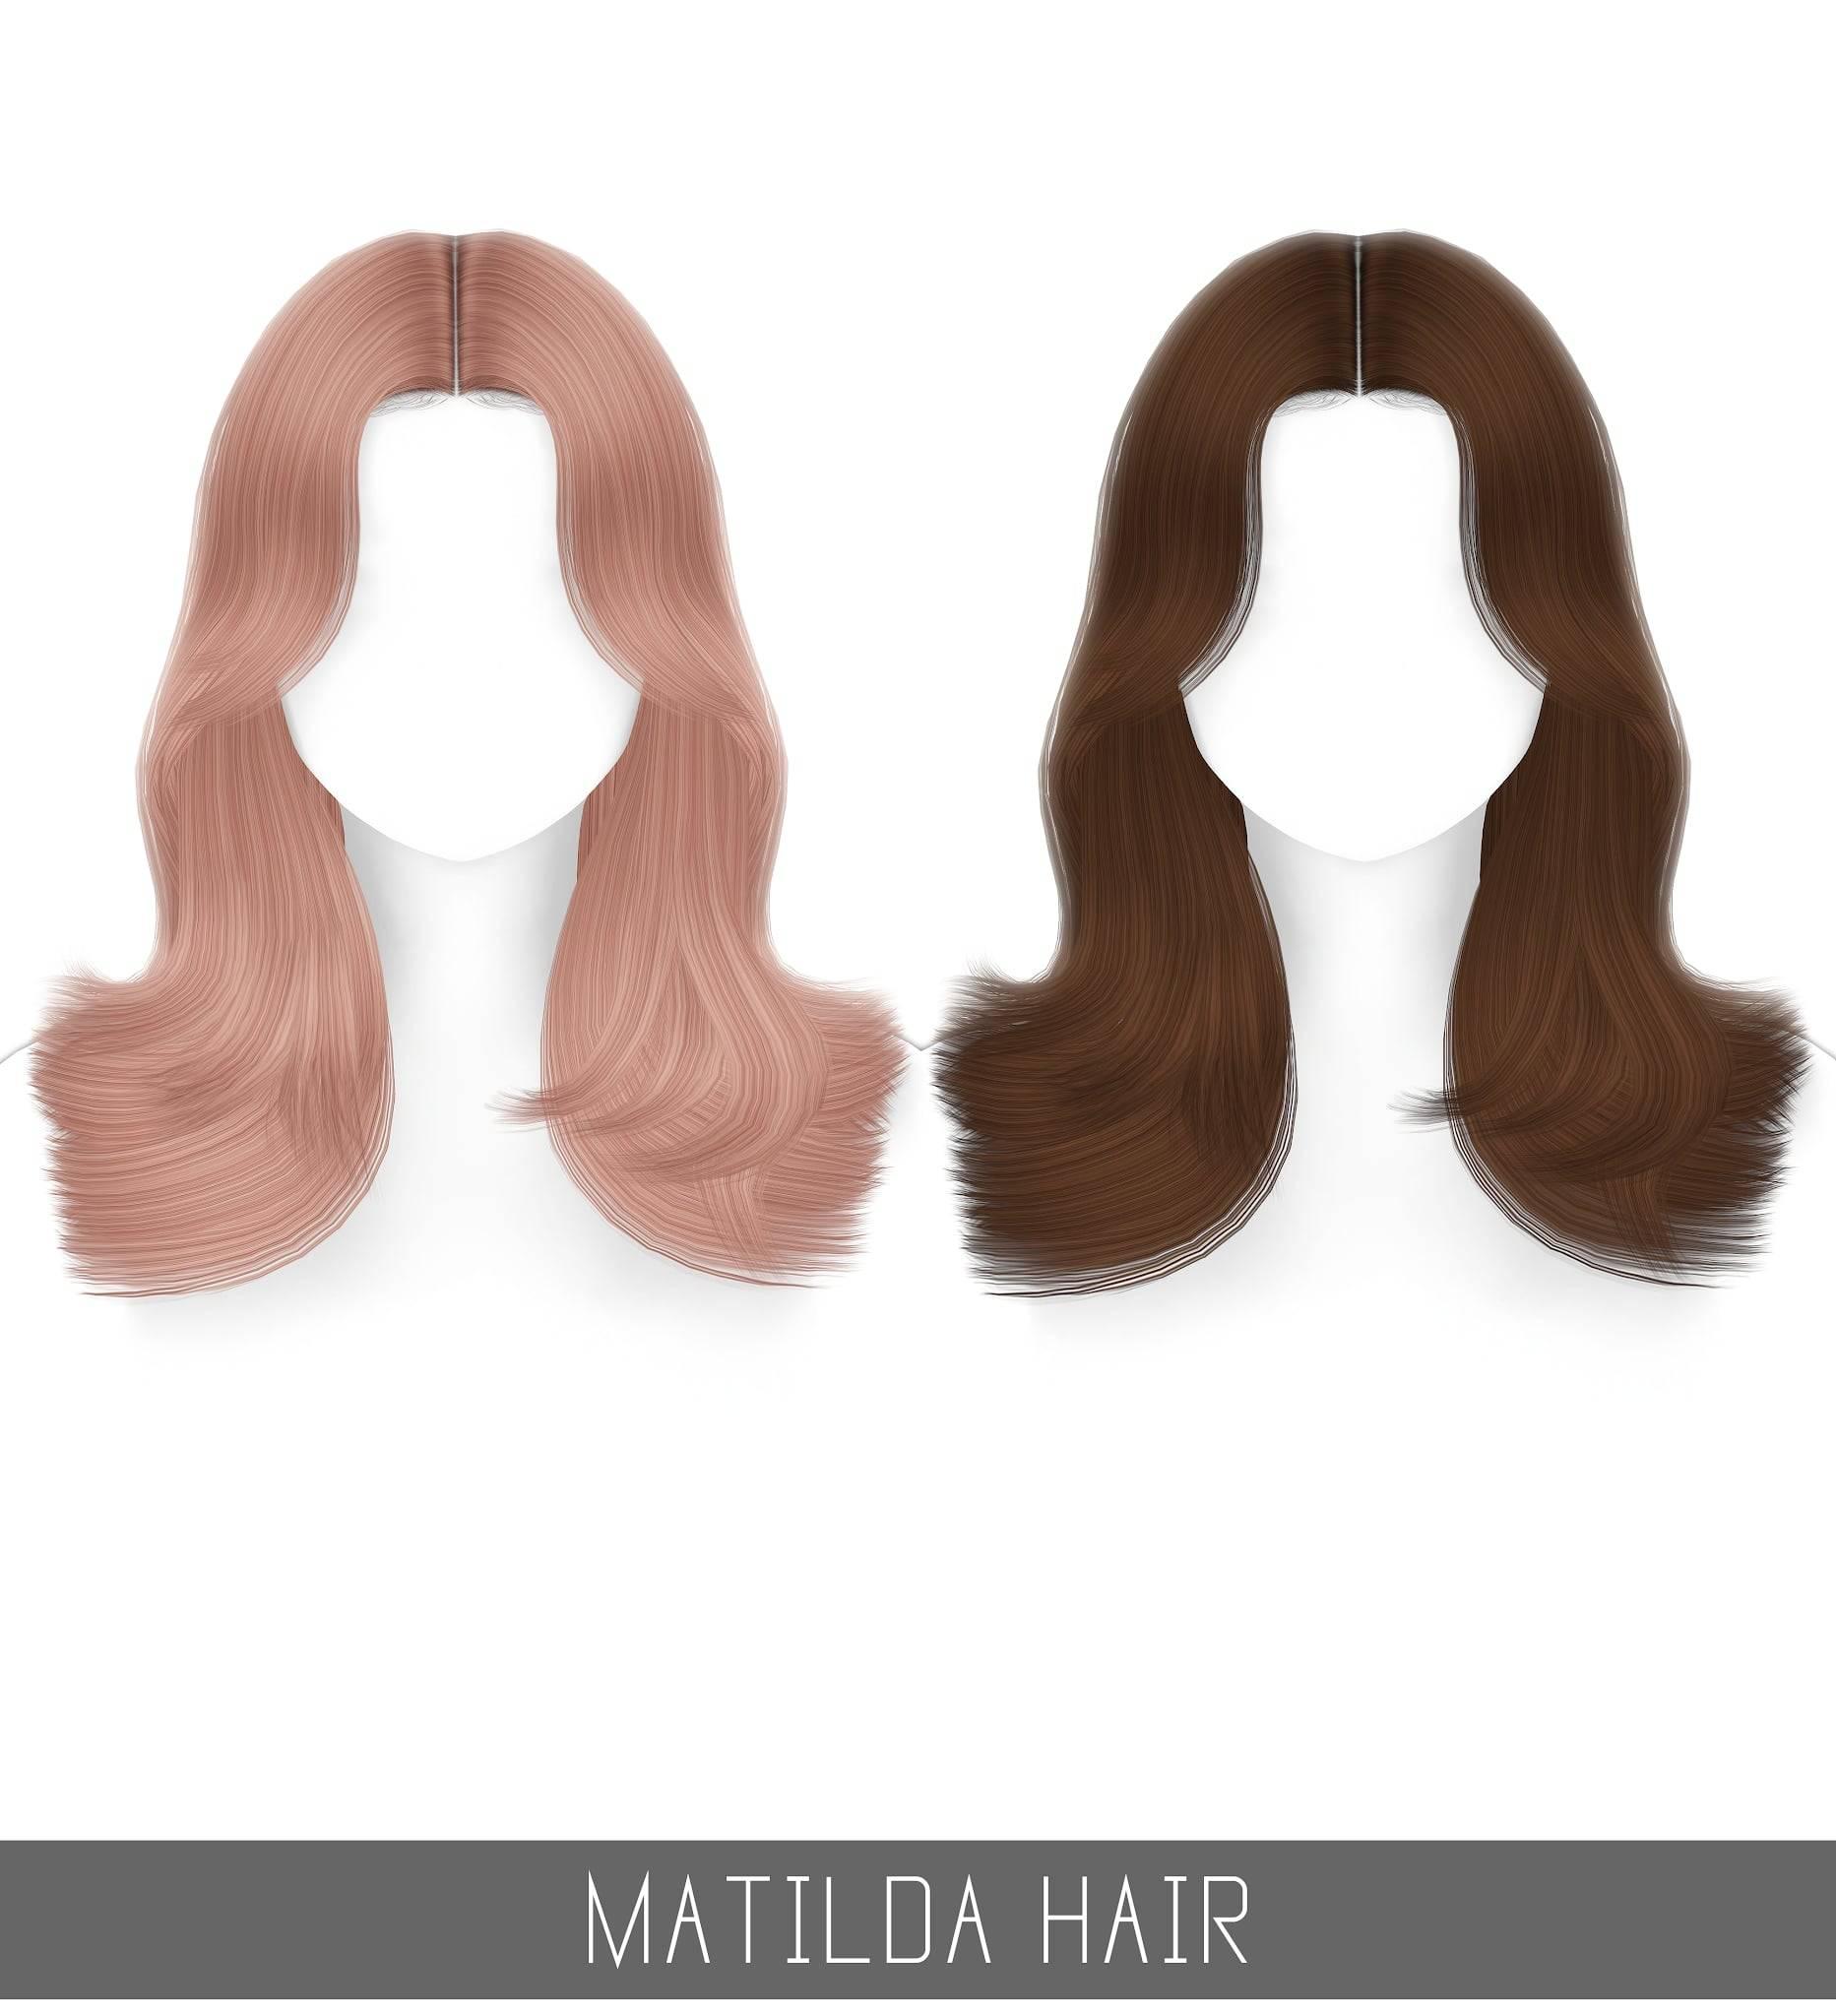 Прическа для женщин, девочек и малышек - MATILDA HAIR